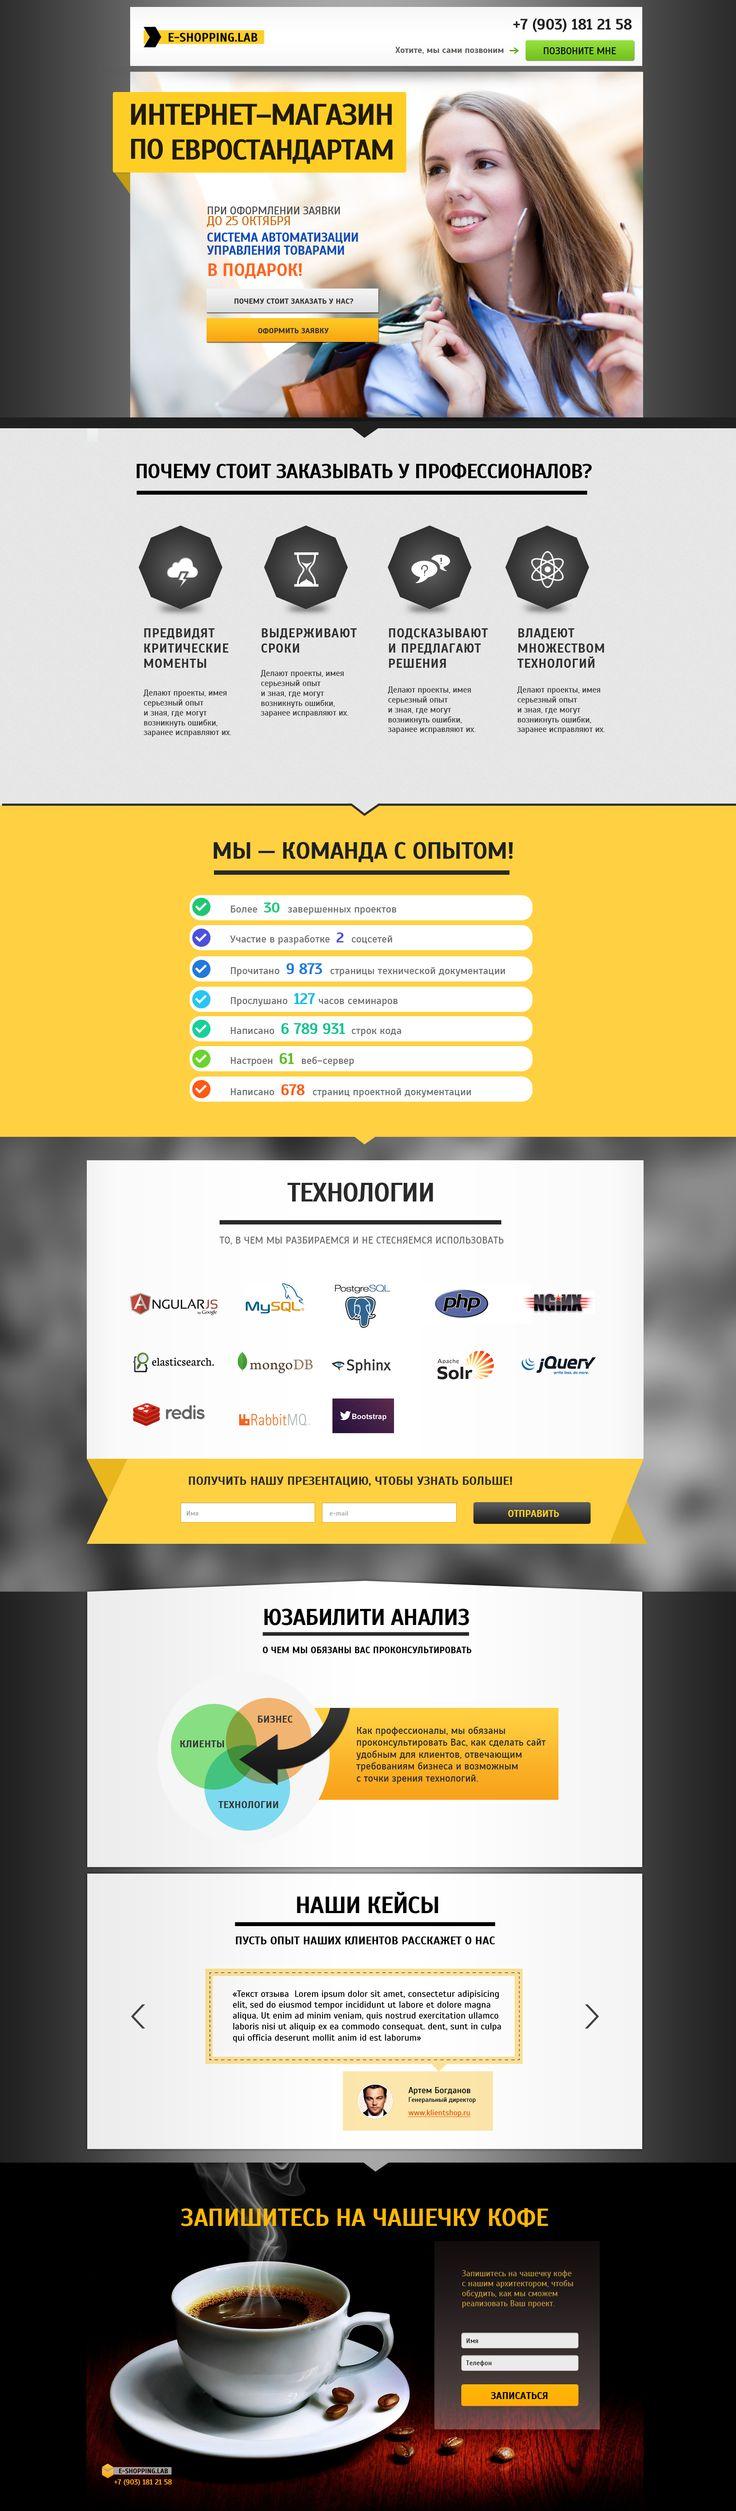 Дизайн лендинг-страницы для интернет–компании.